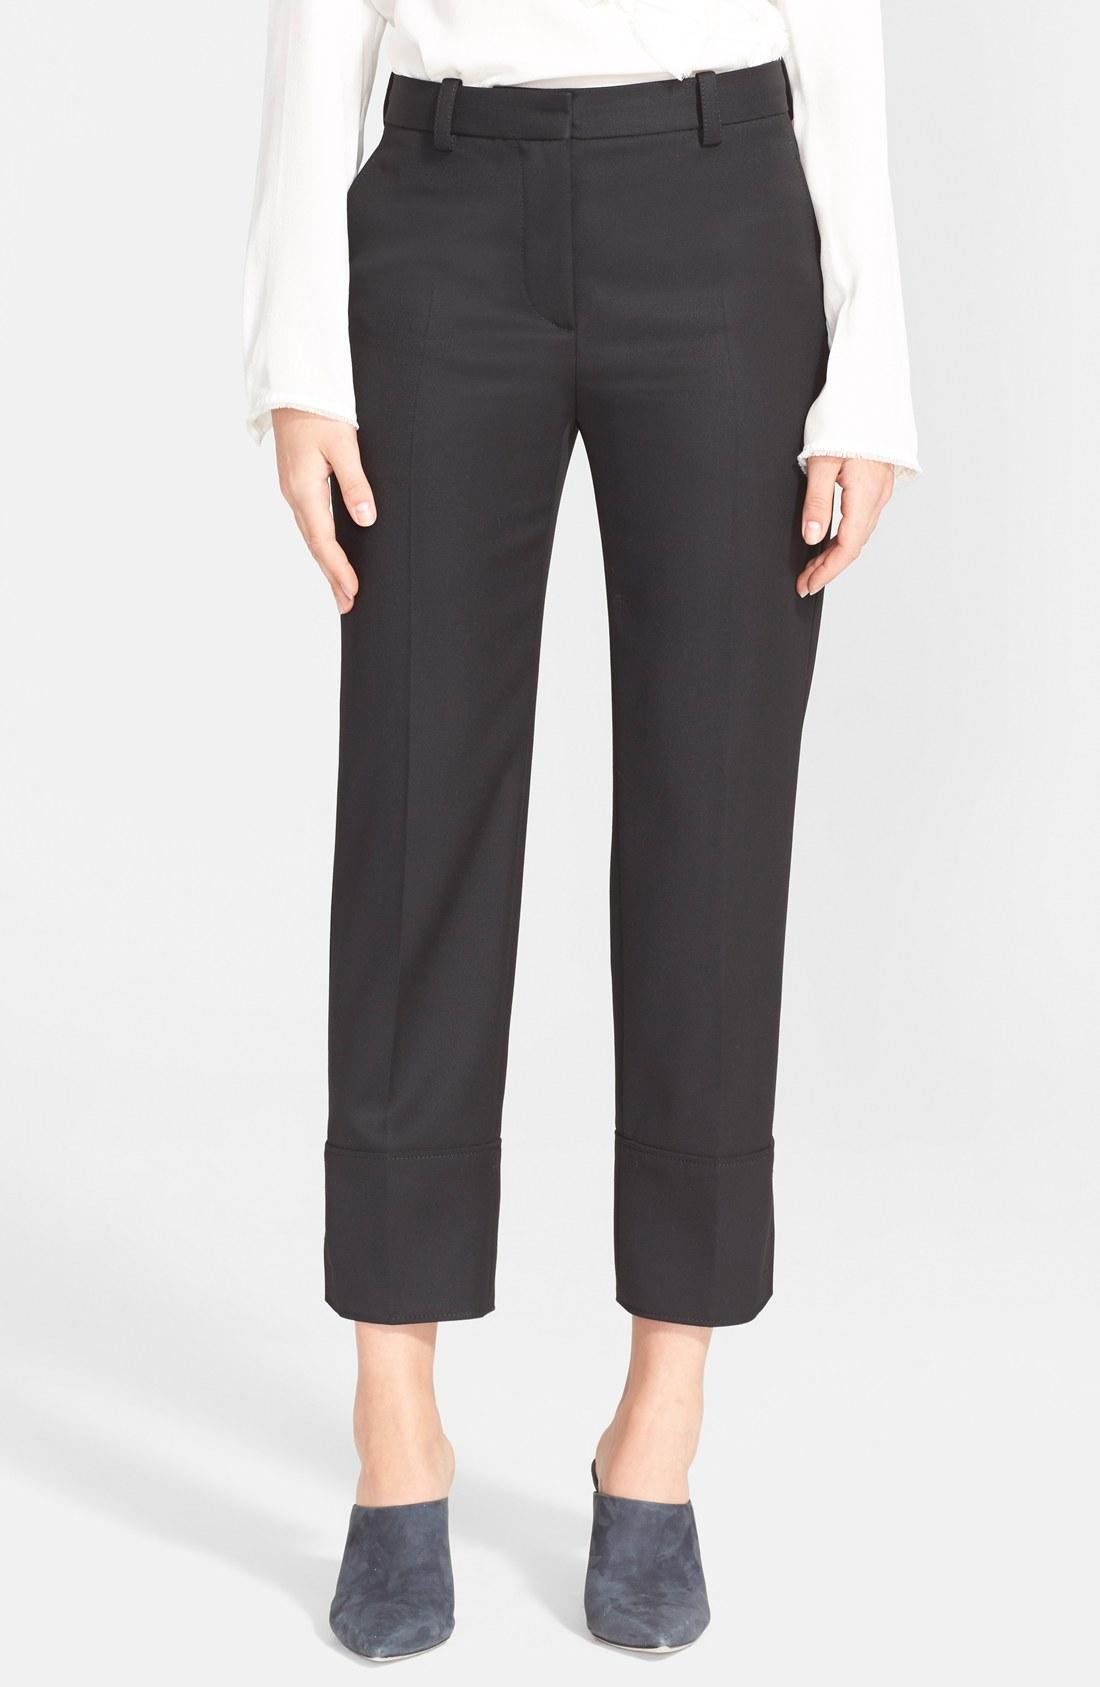 3 1 phillip lim slim fit cuff pants nordstrom. Black Bedroom Furniture Sets. Home Design Ideas